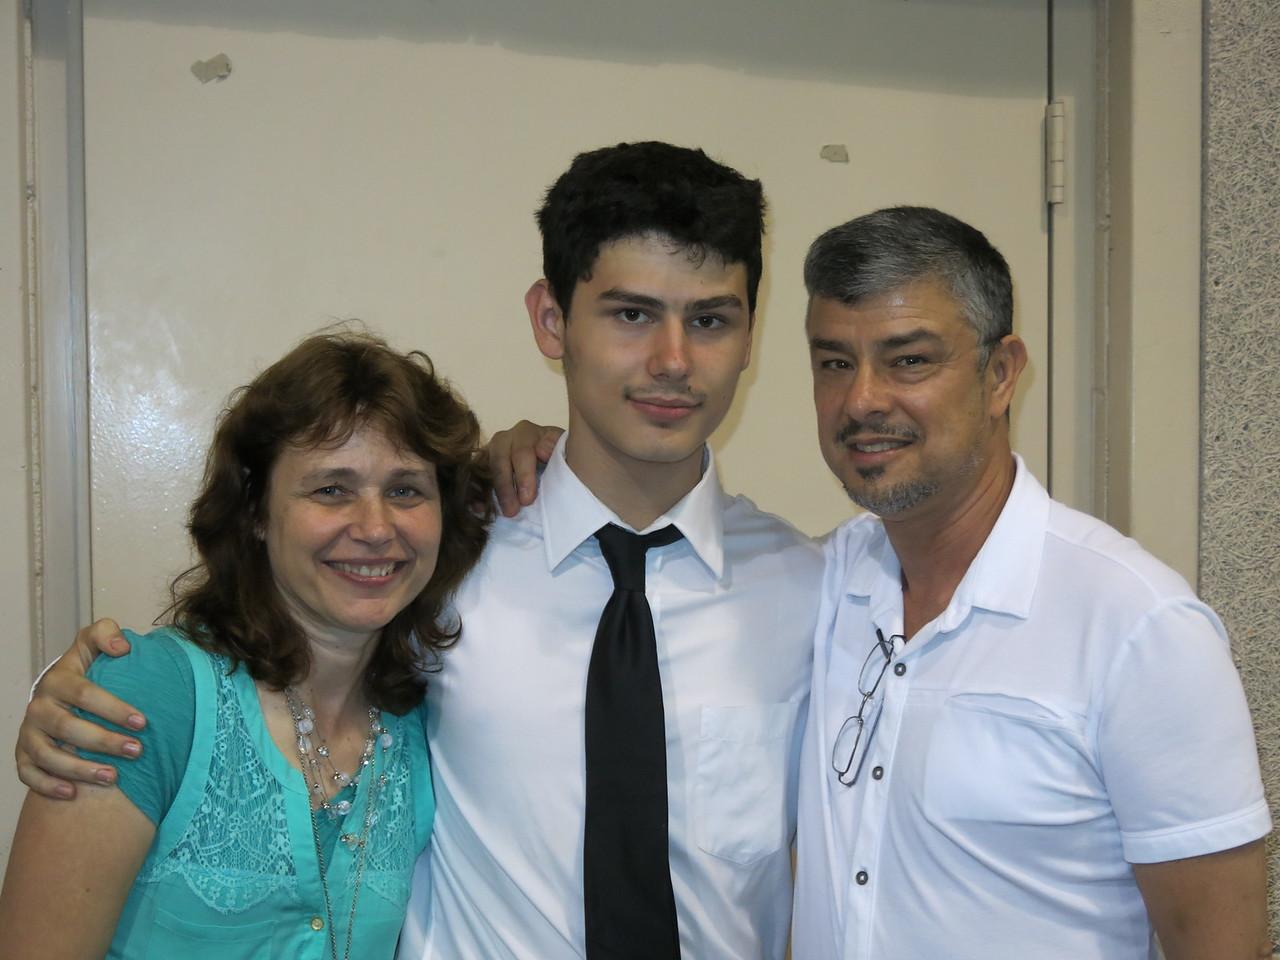 Alan, Elaine and Milton